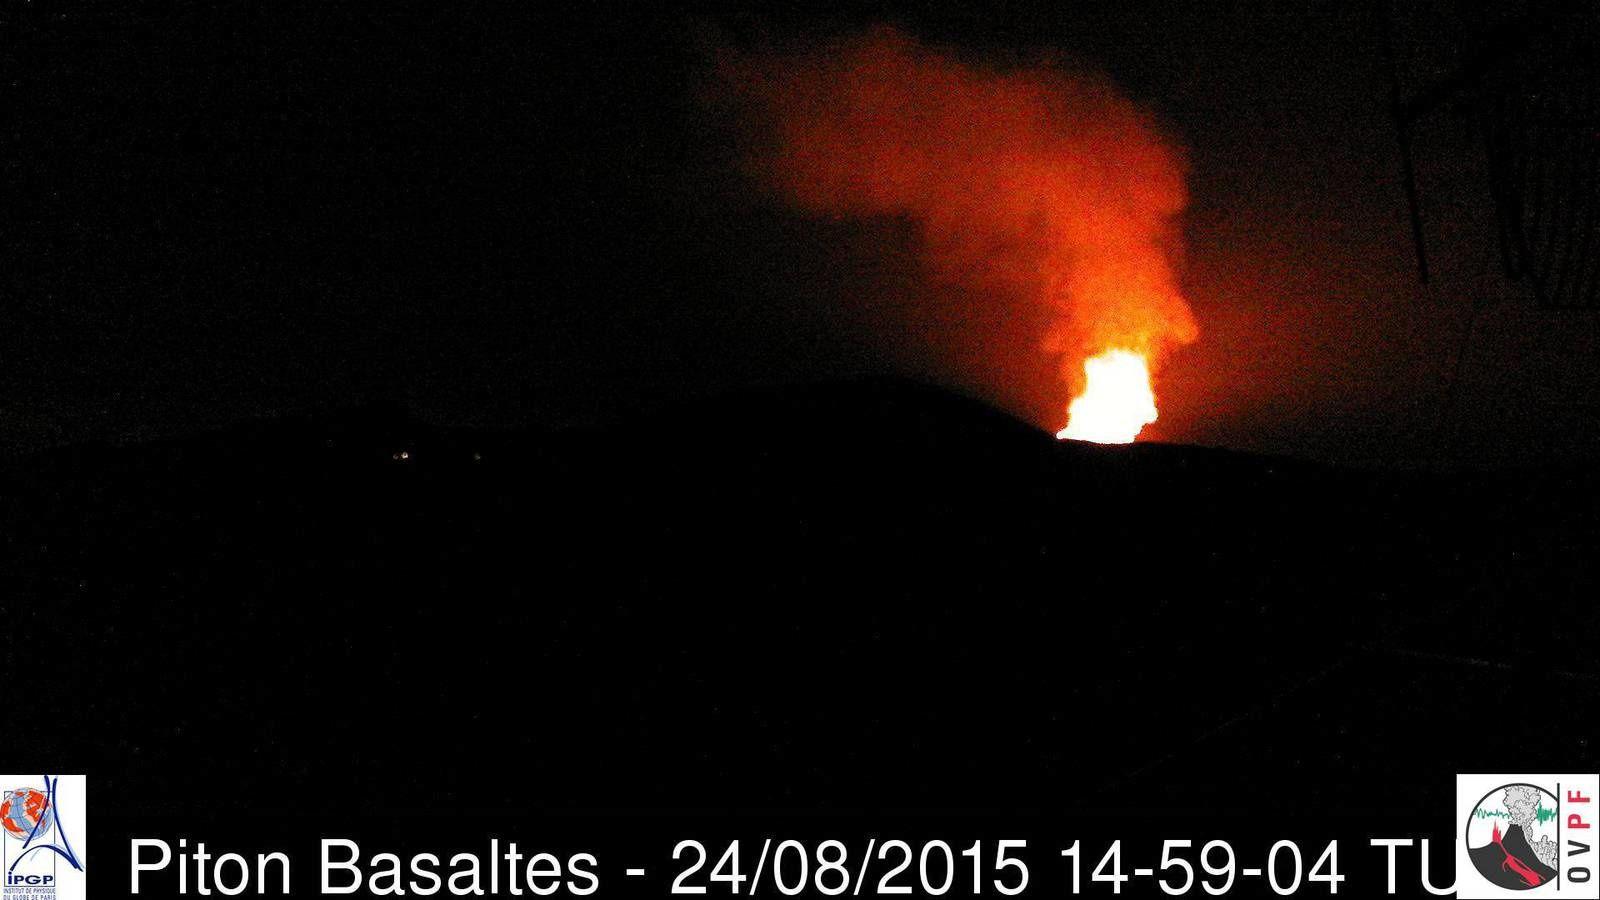 Piton de La Fournaise - début de l'éruption à 18h50 et première image de la webcam du Piton basaltes à 18h59 locale (14h59 TU) - doc. OVPF